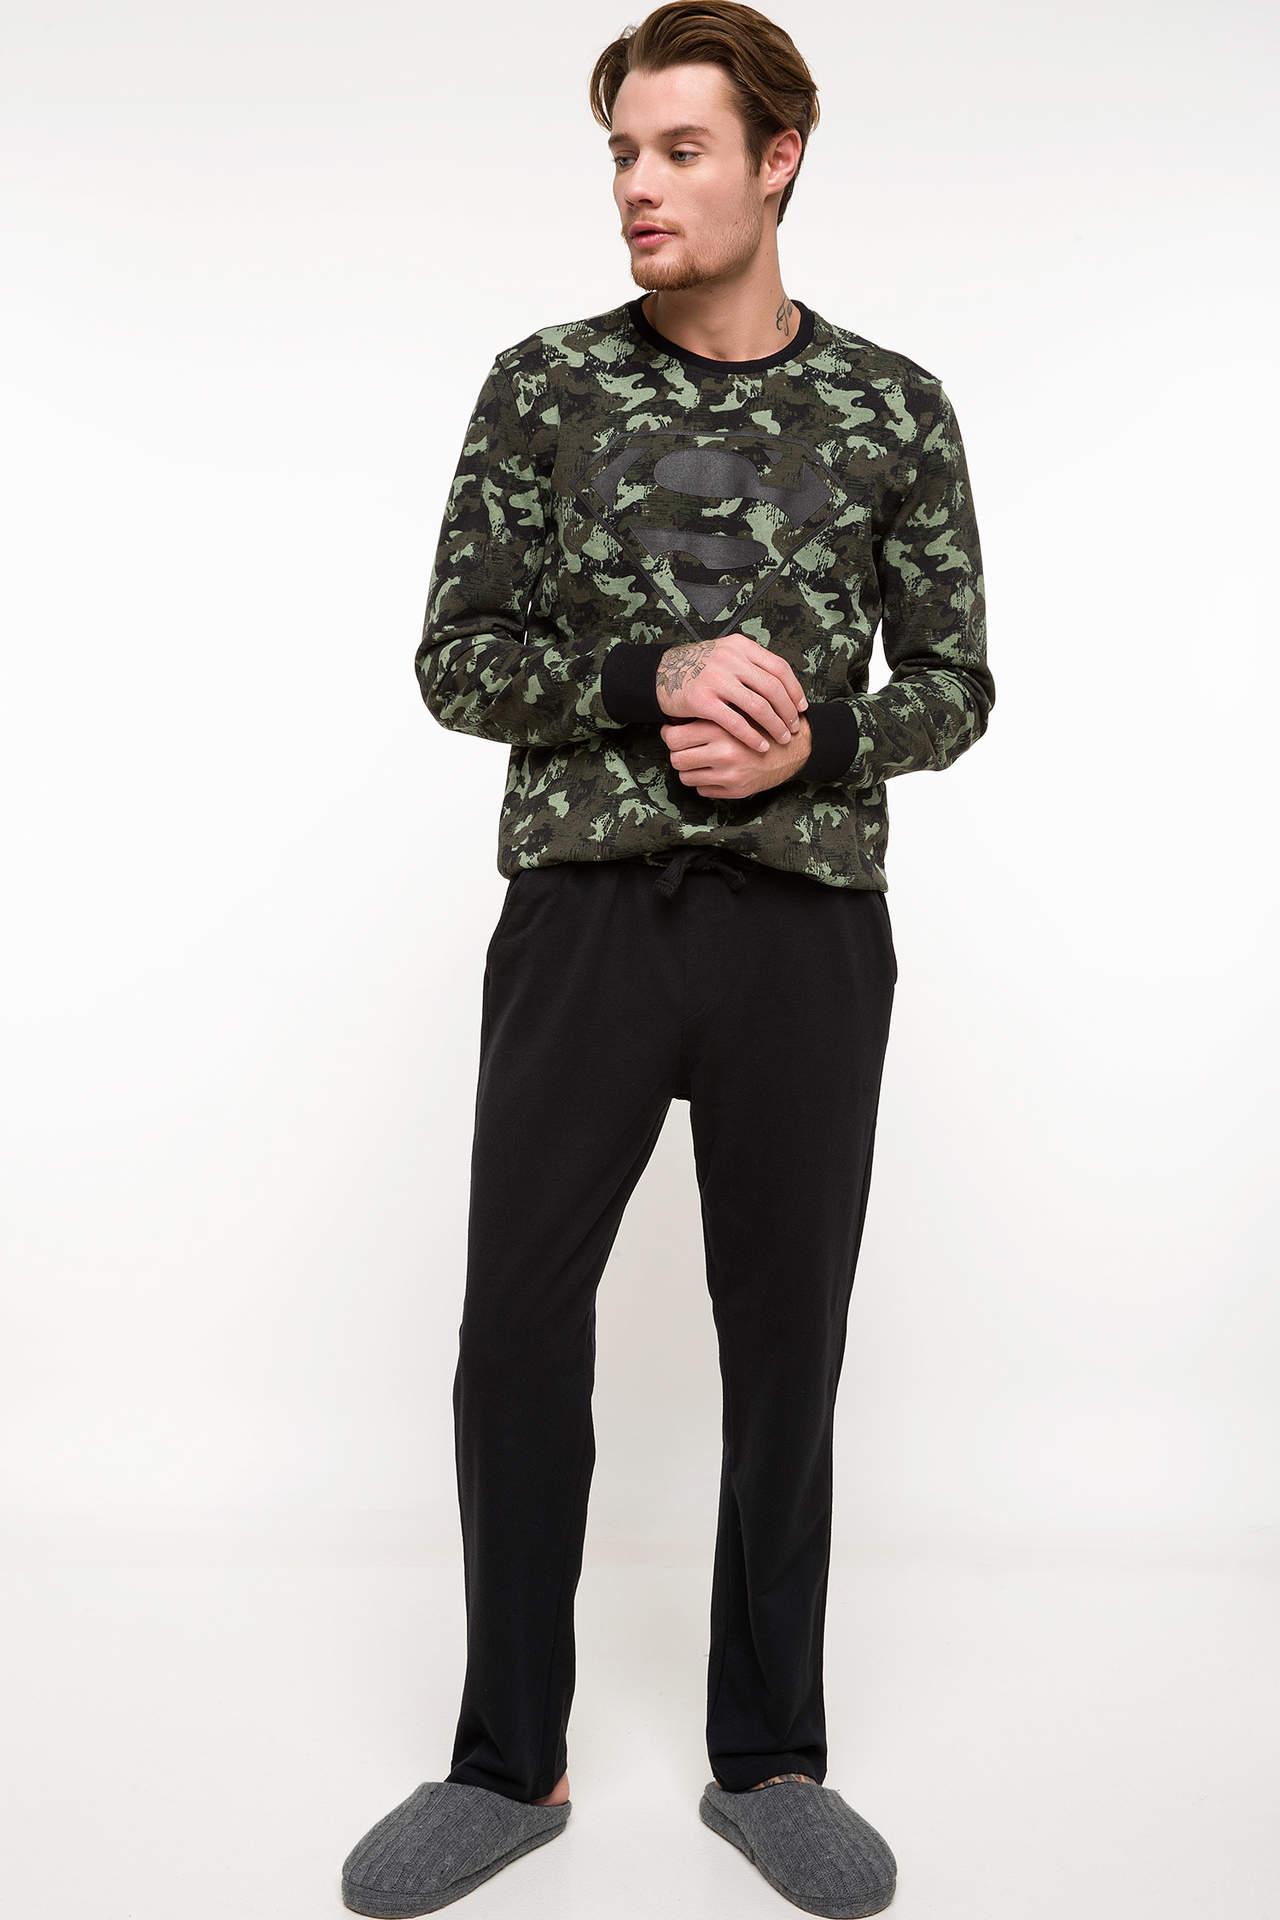 DeFacto Erkek Superman Lisanslı Uzun Kollu Pijama Takımı Siyah male